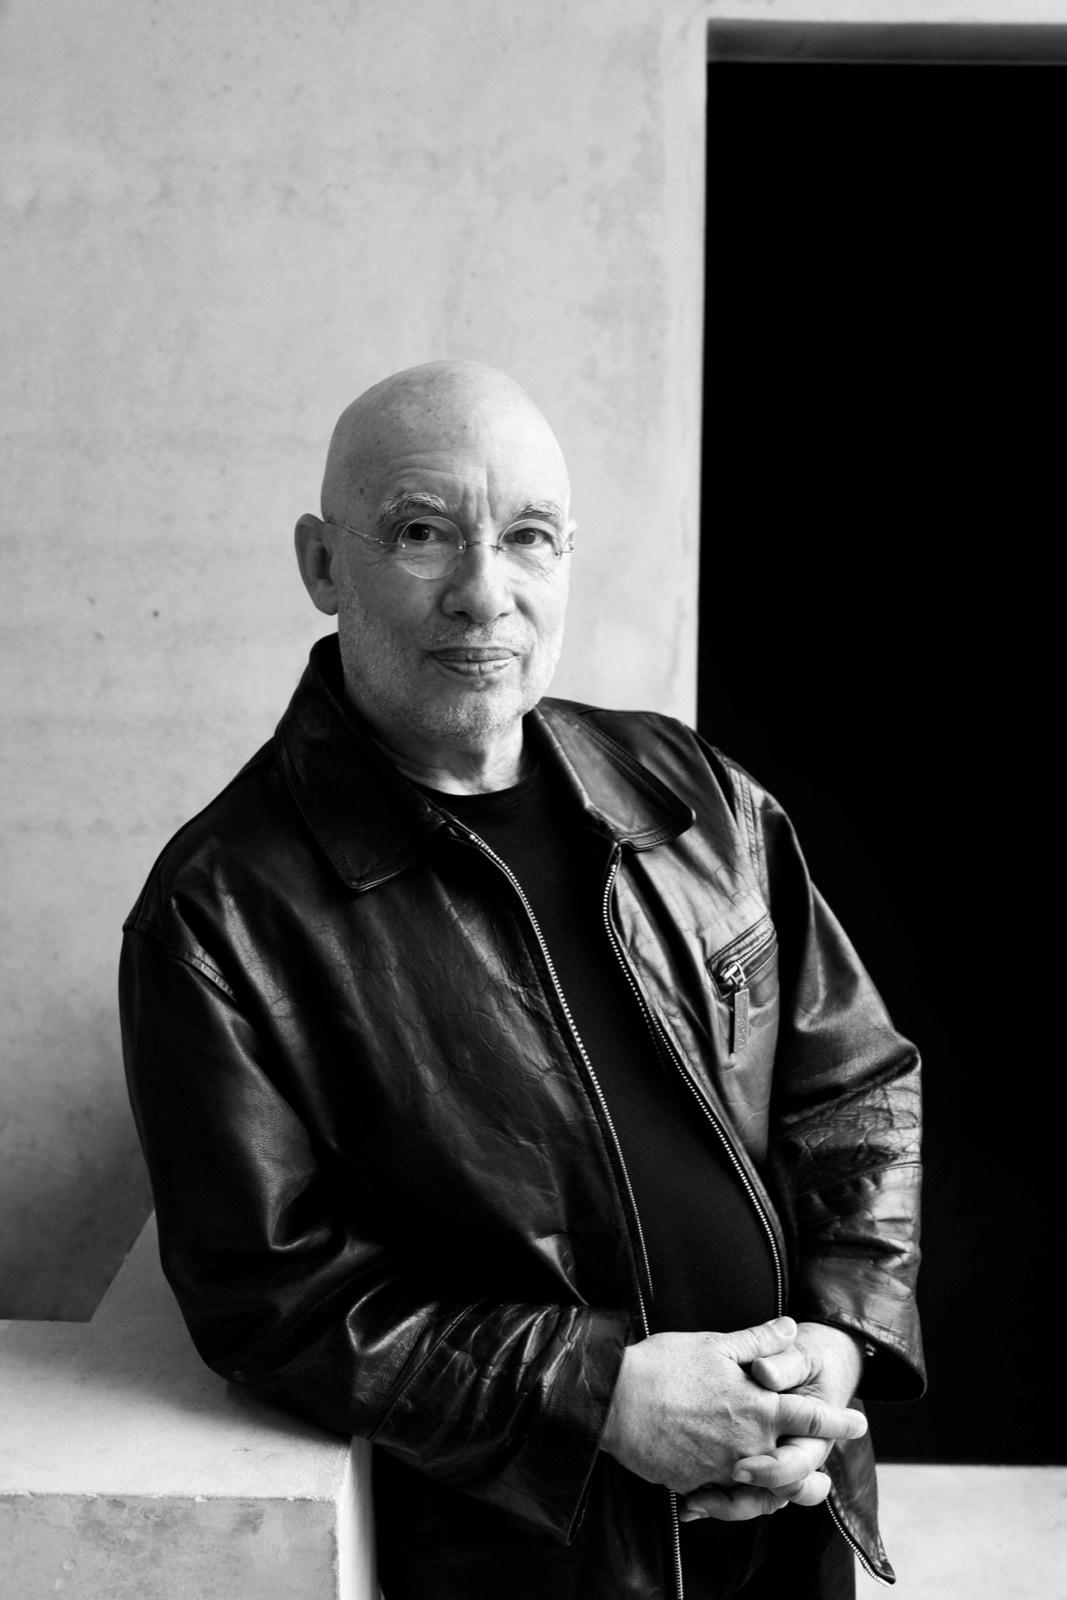 Dennis Russell Davies